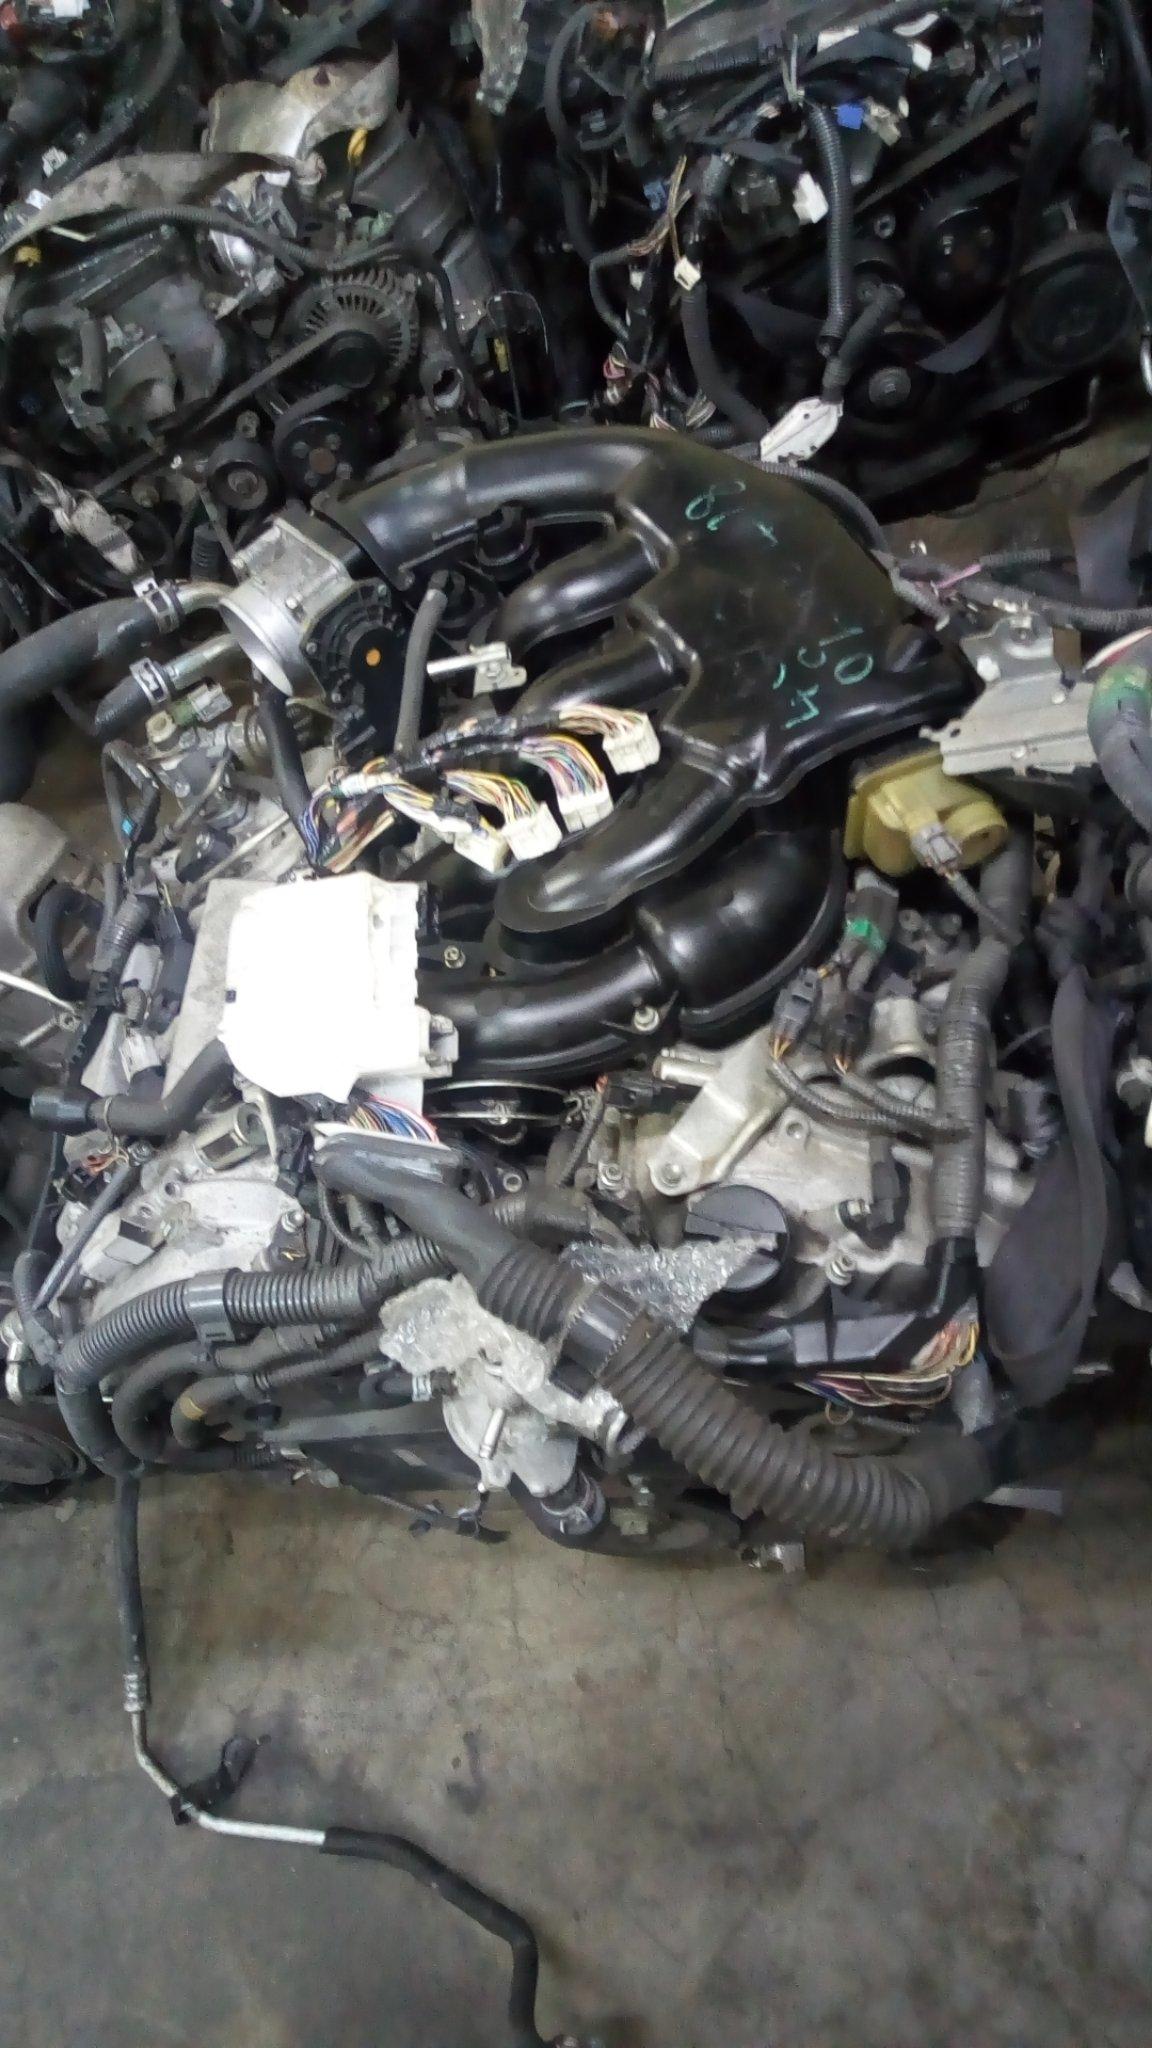 Toyota prado 120 engine